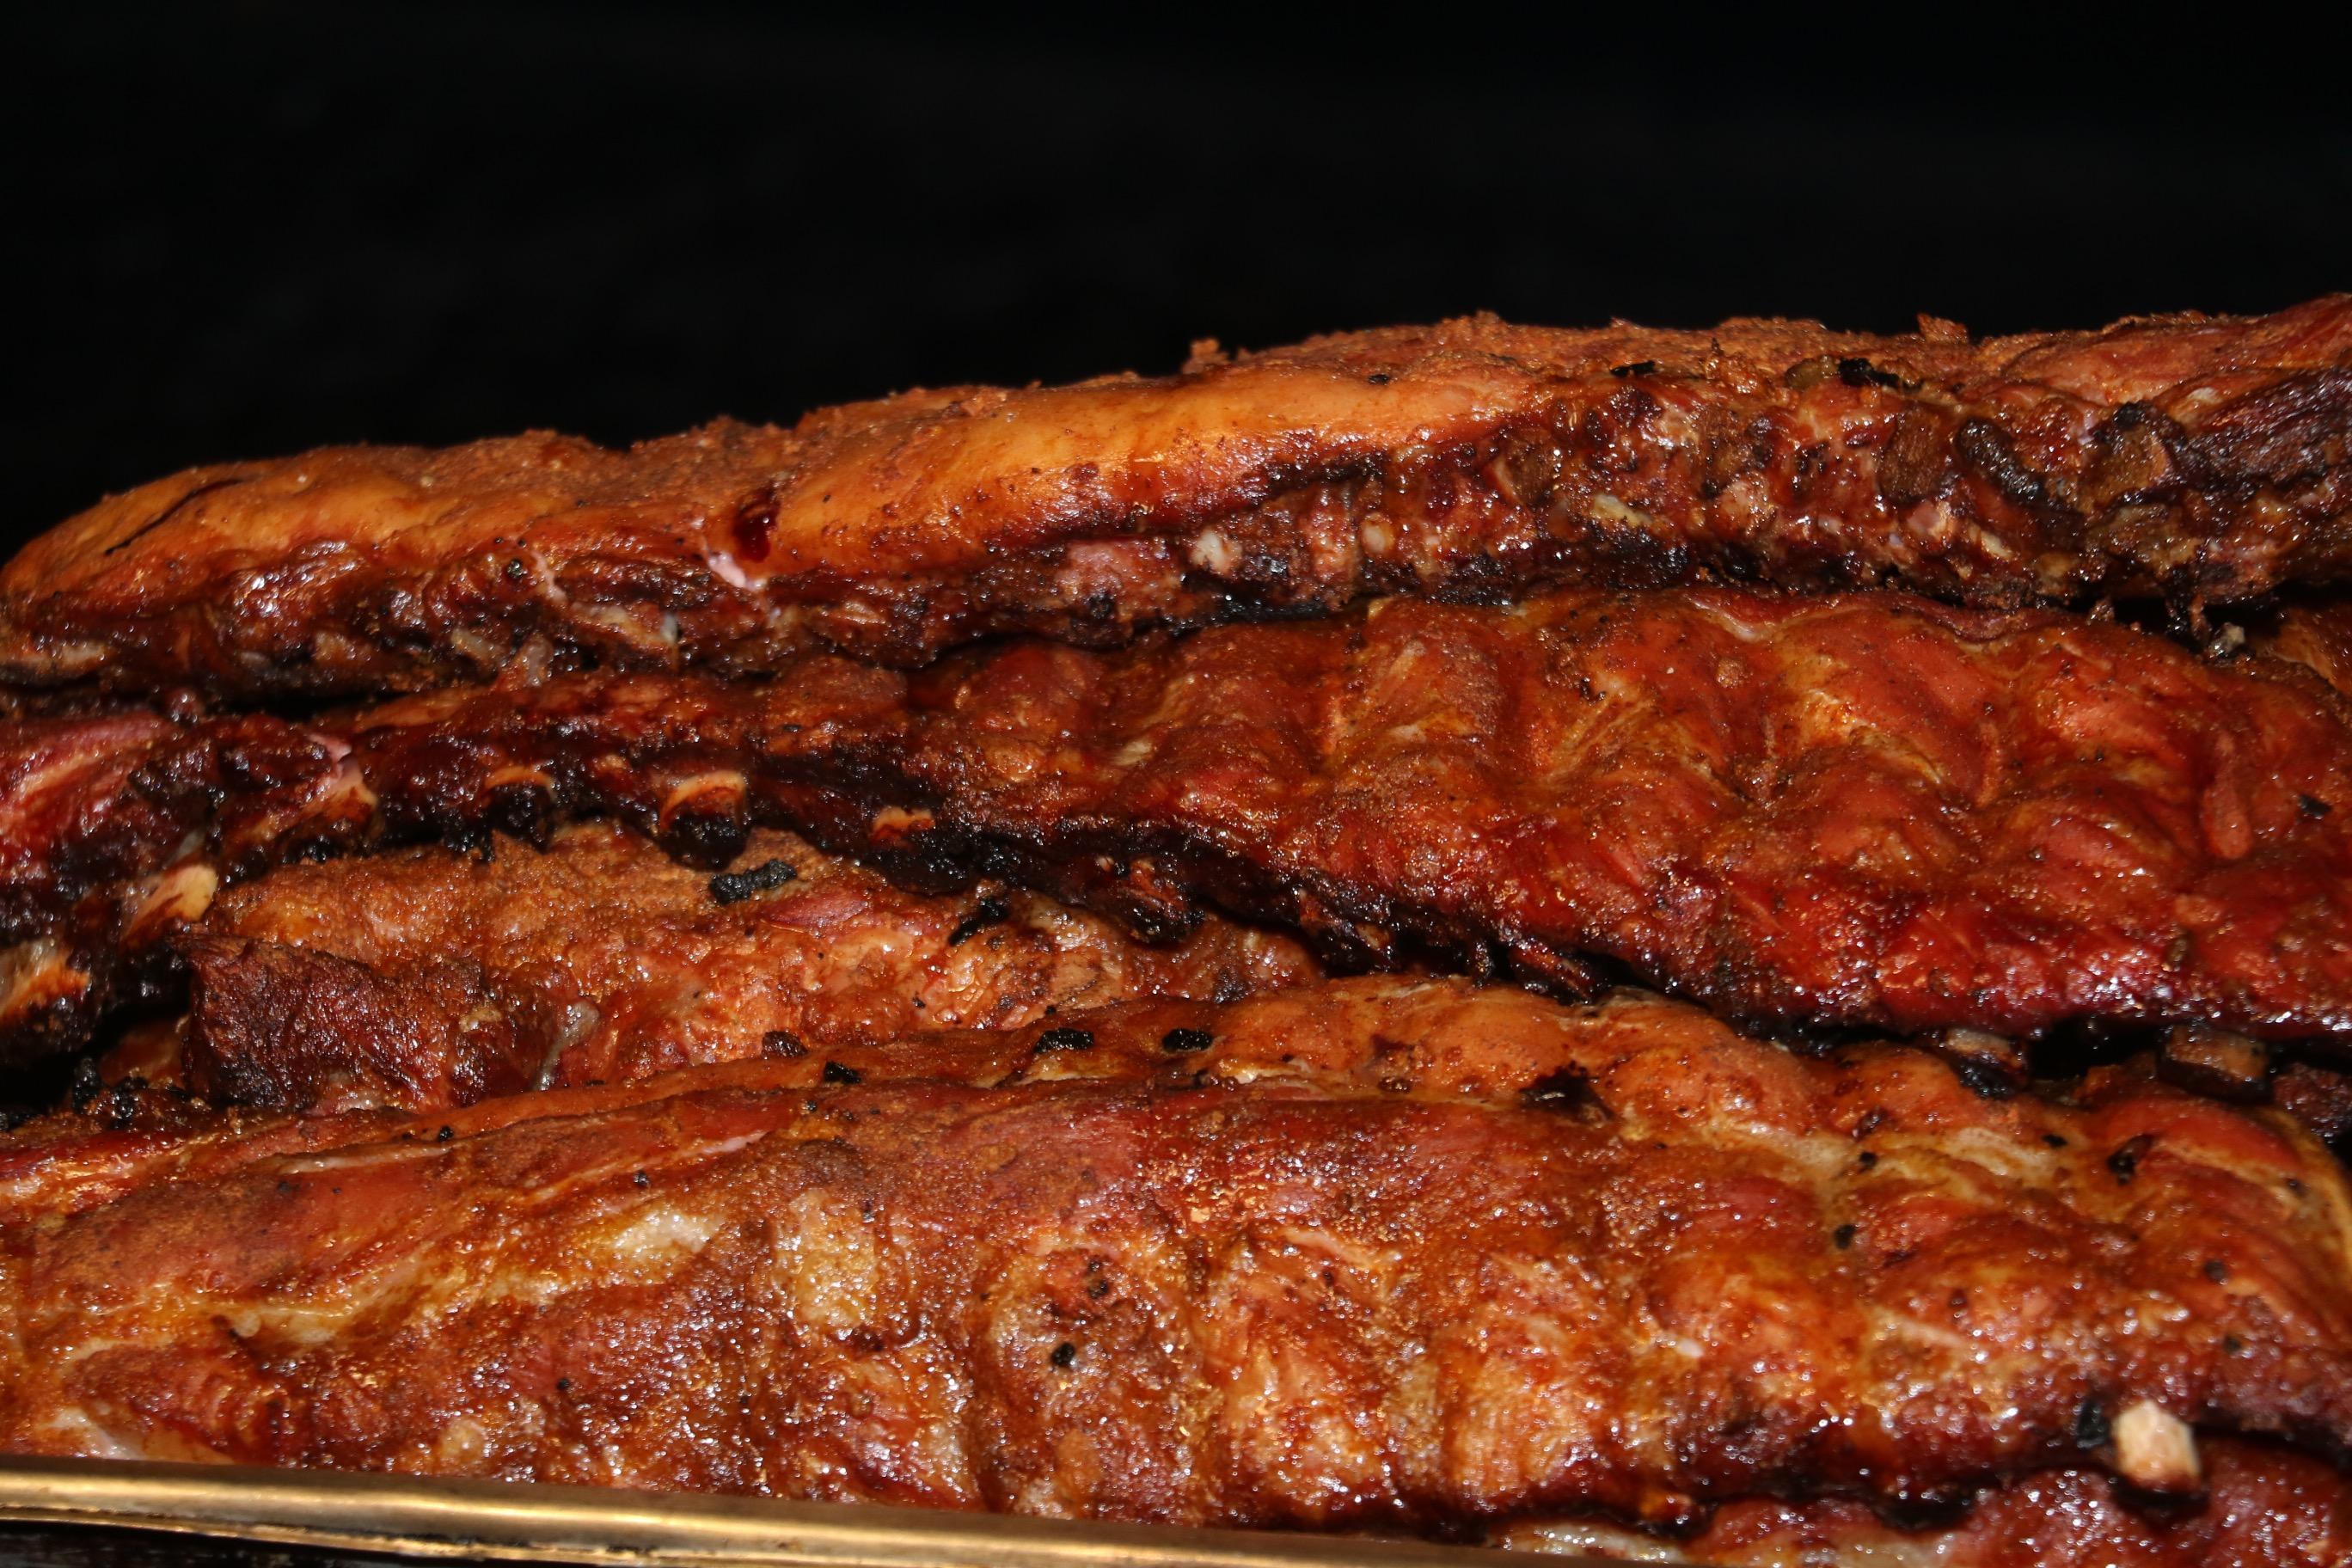 slabs of ribs